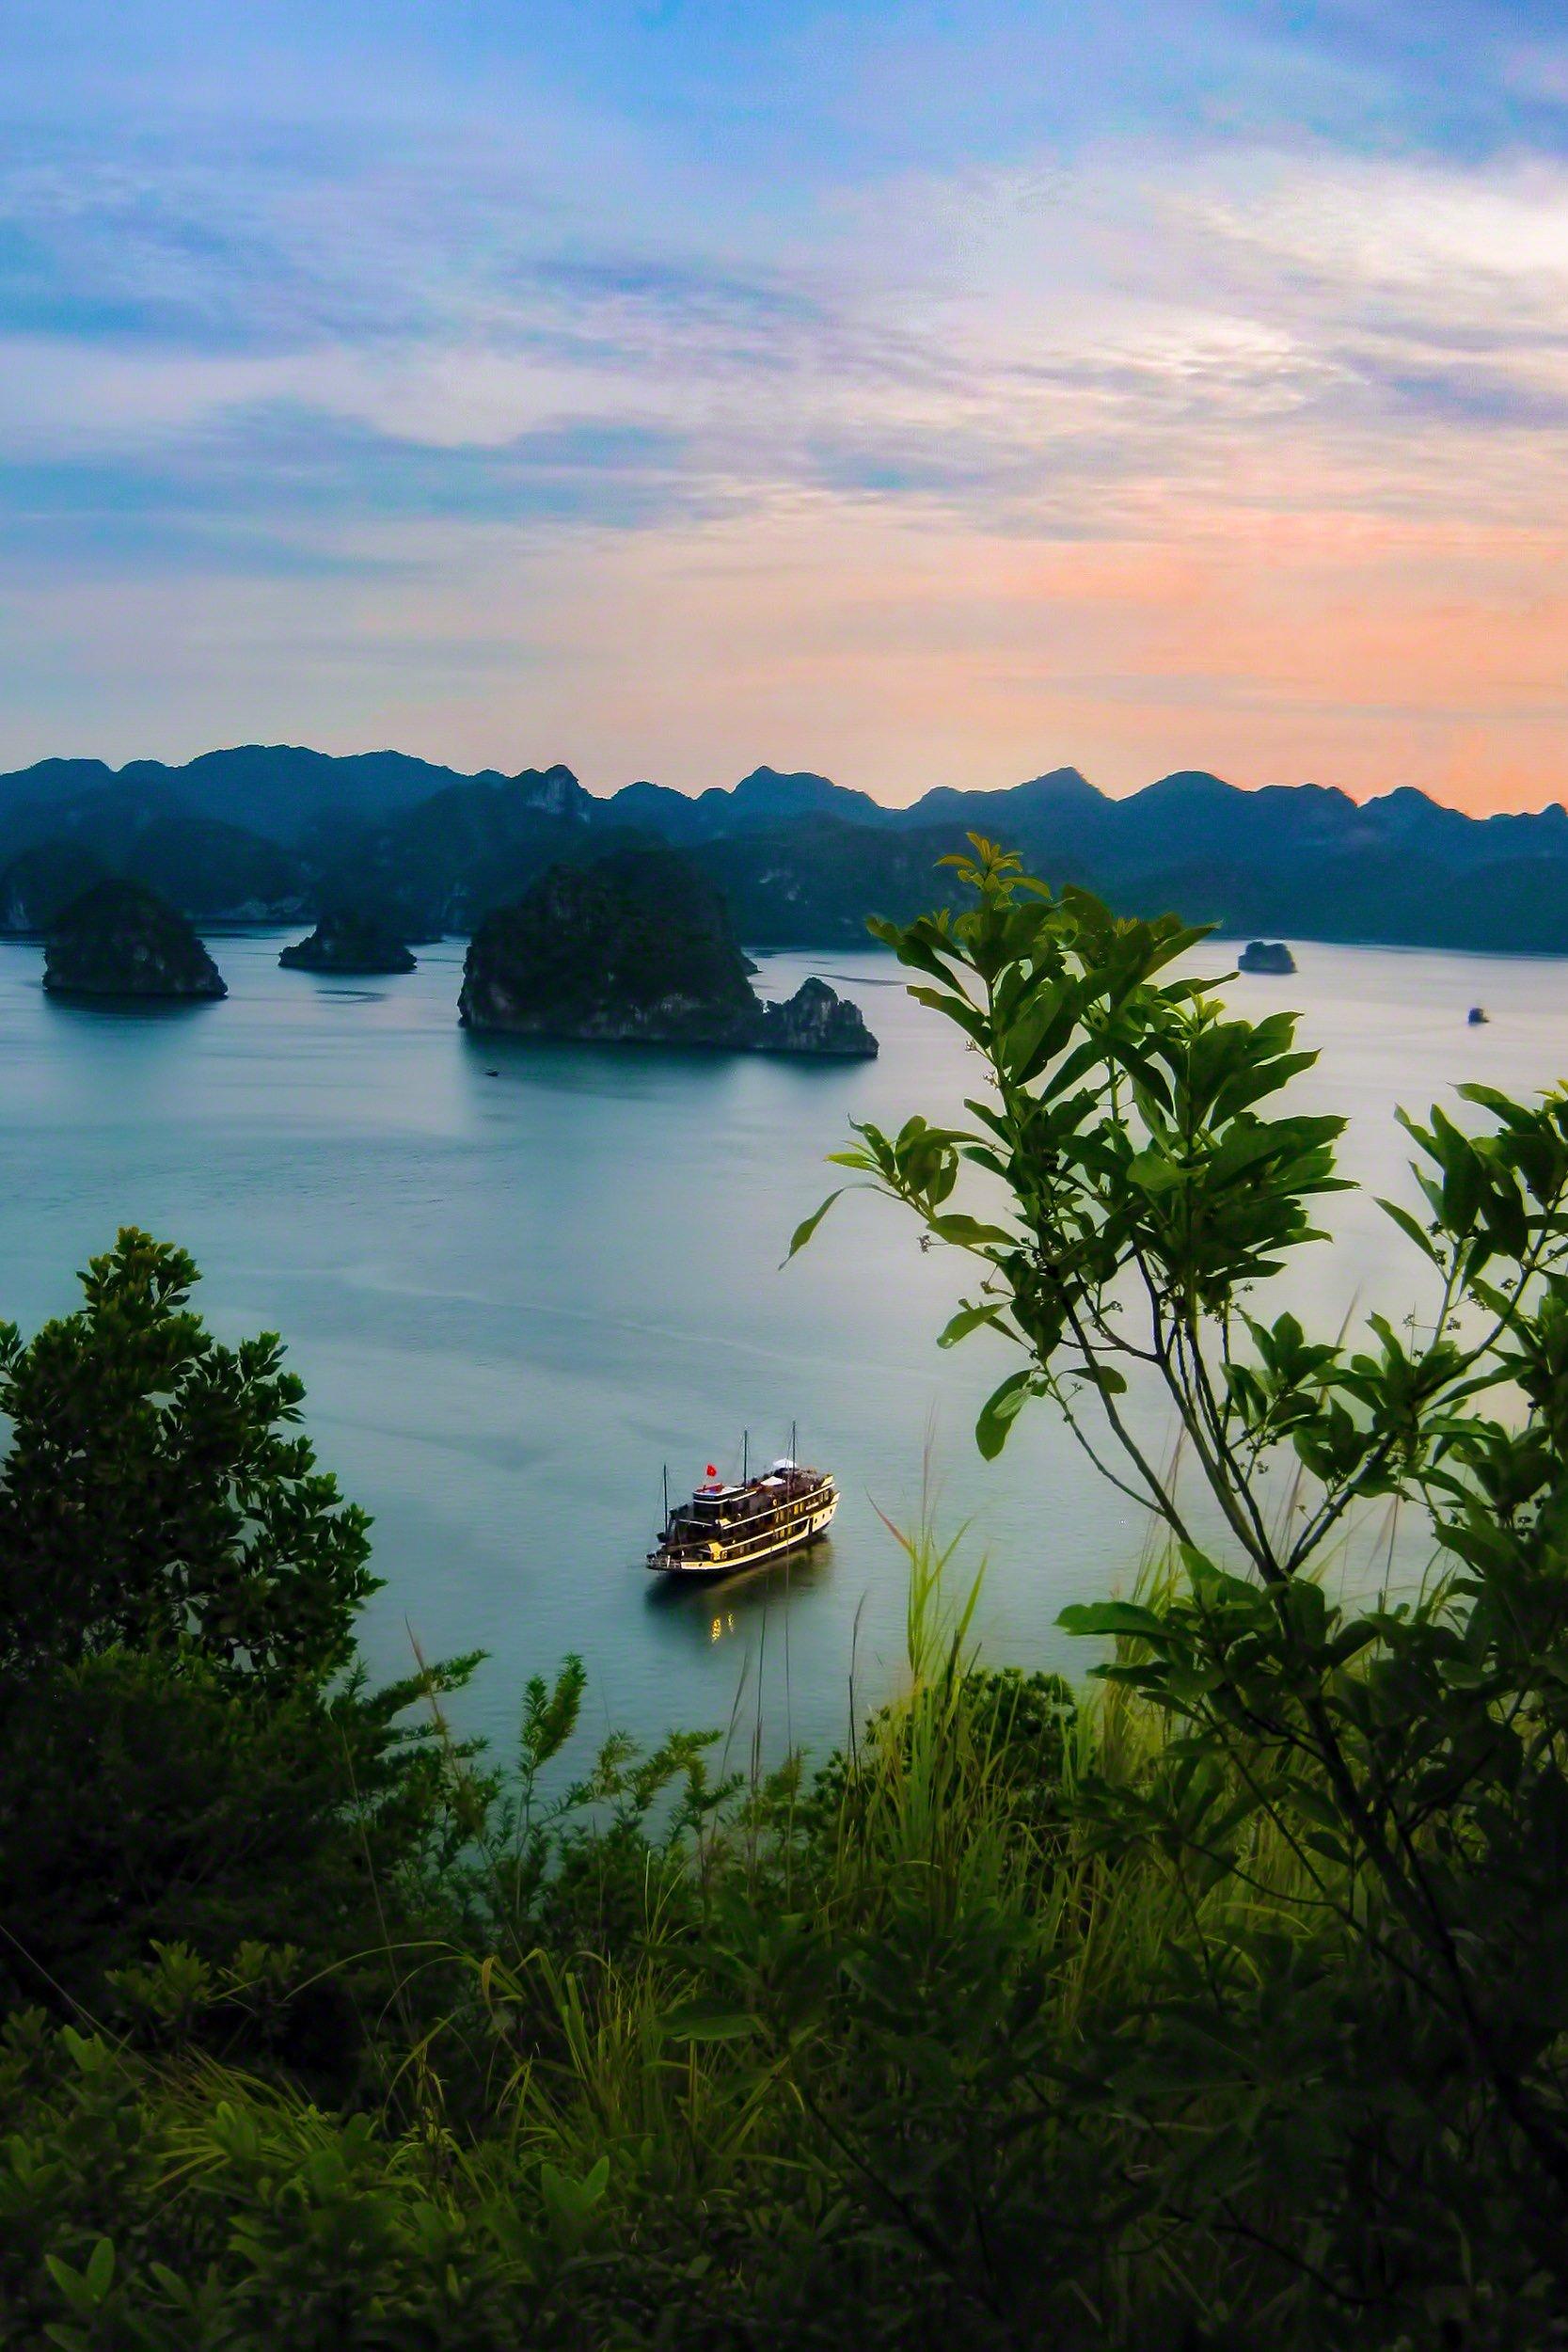 Ha Long Bay at Sunset